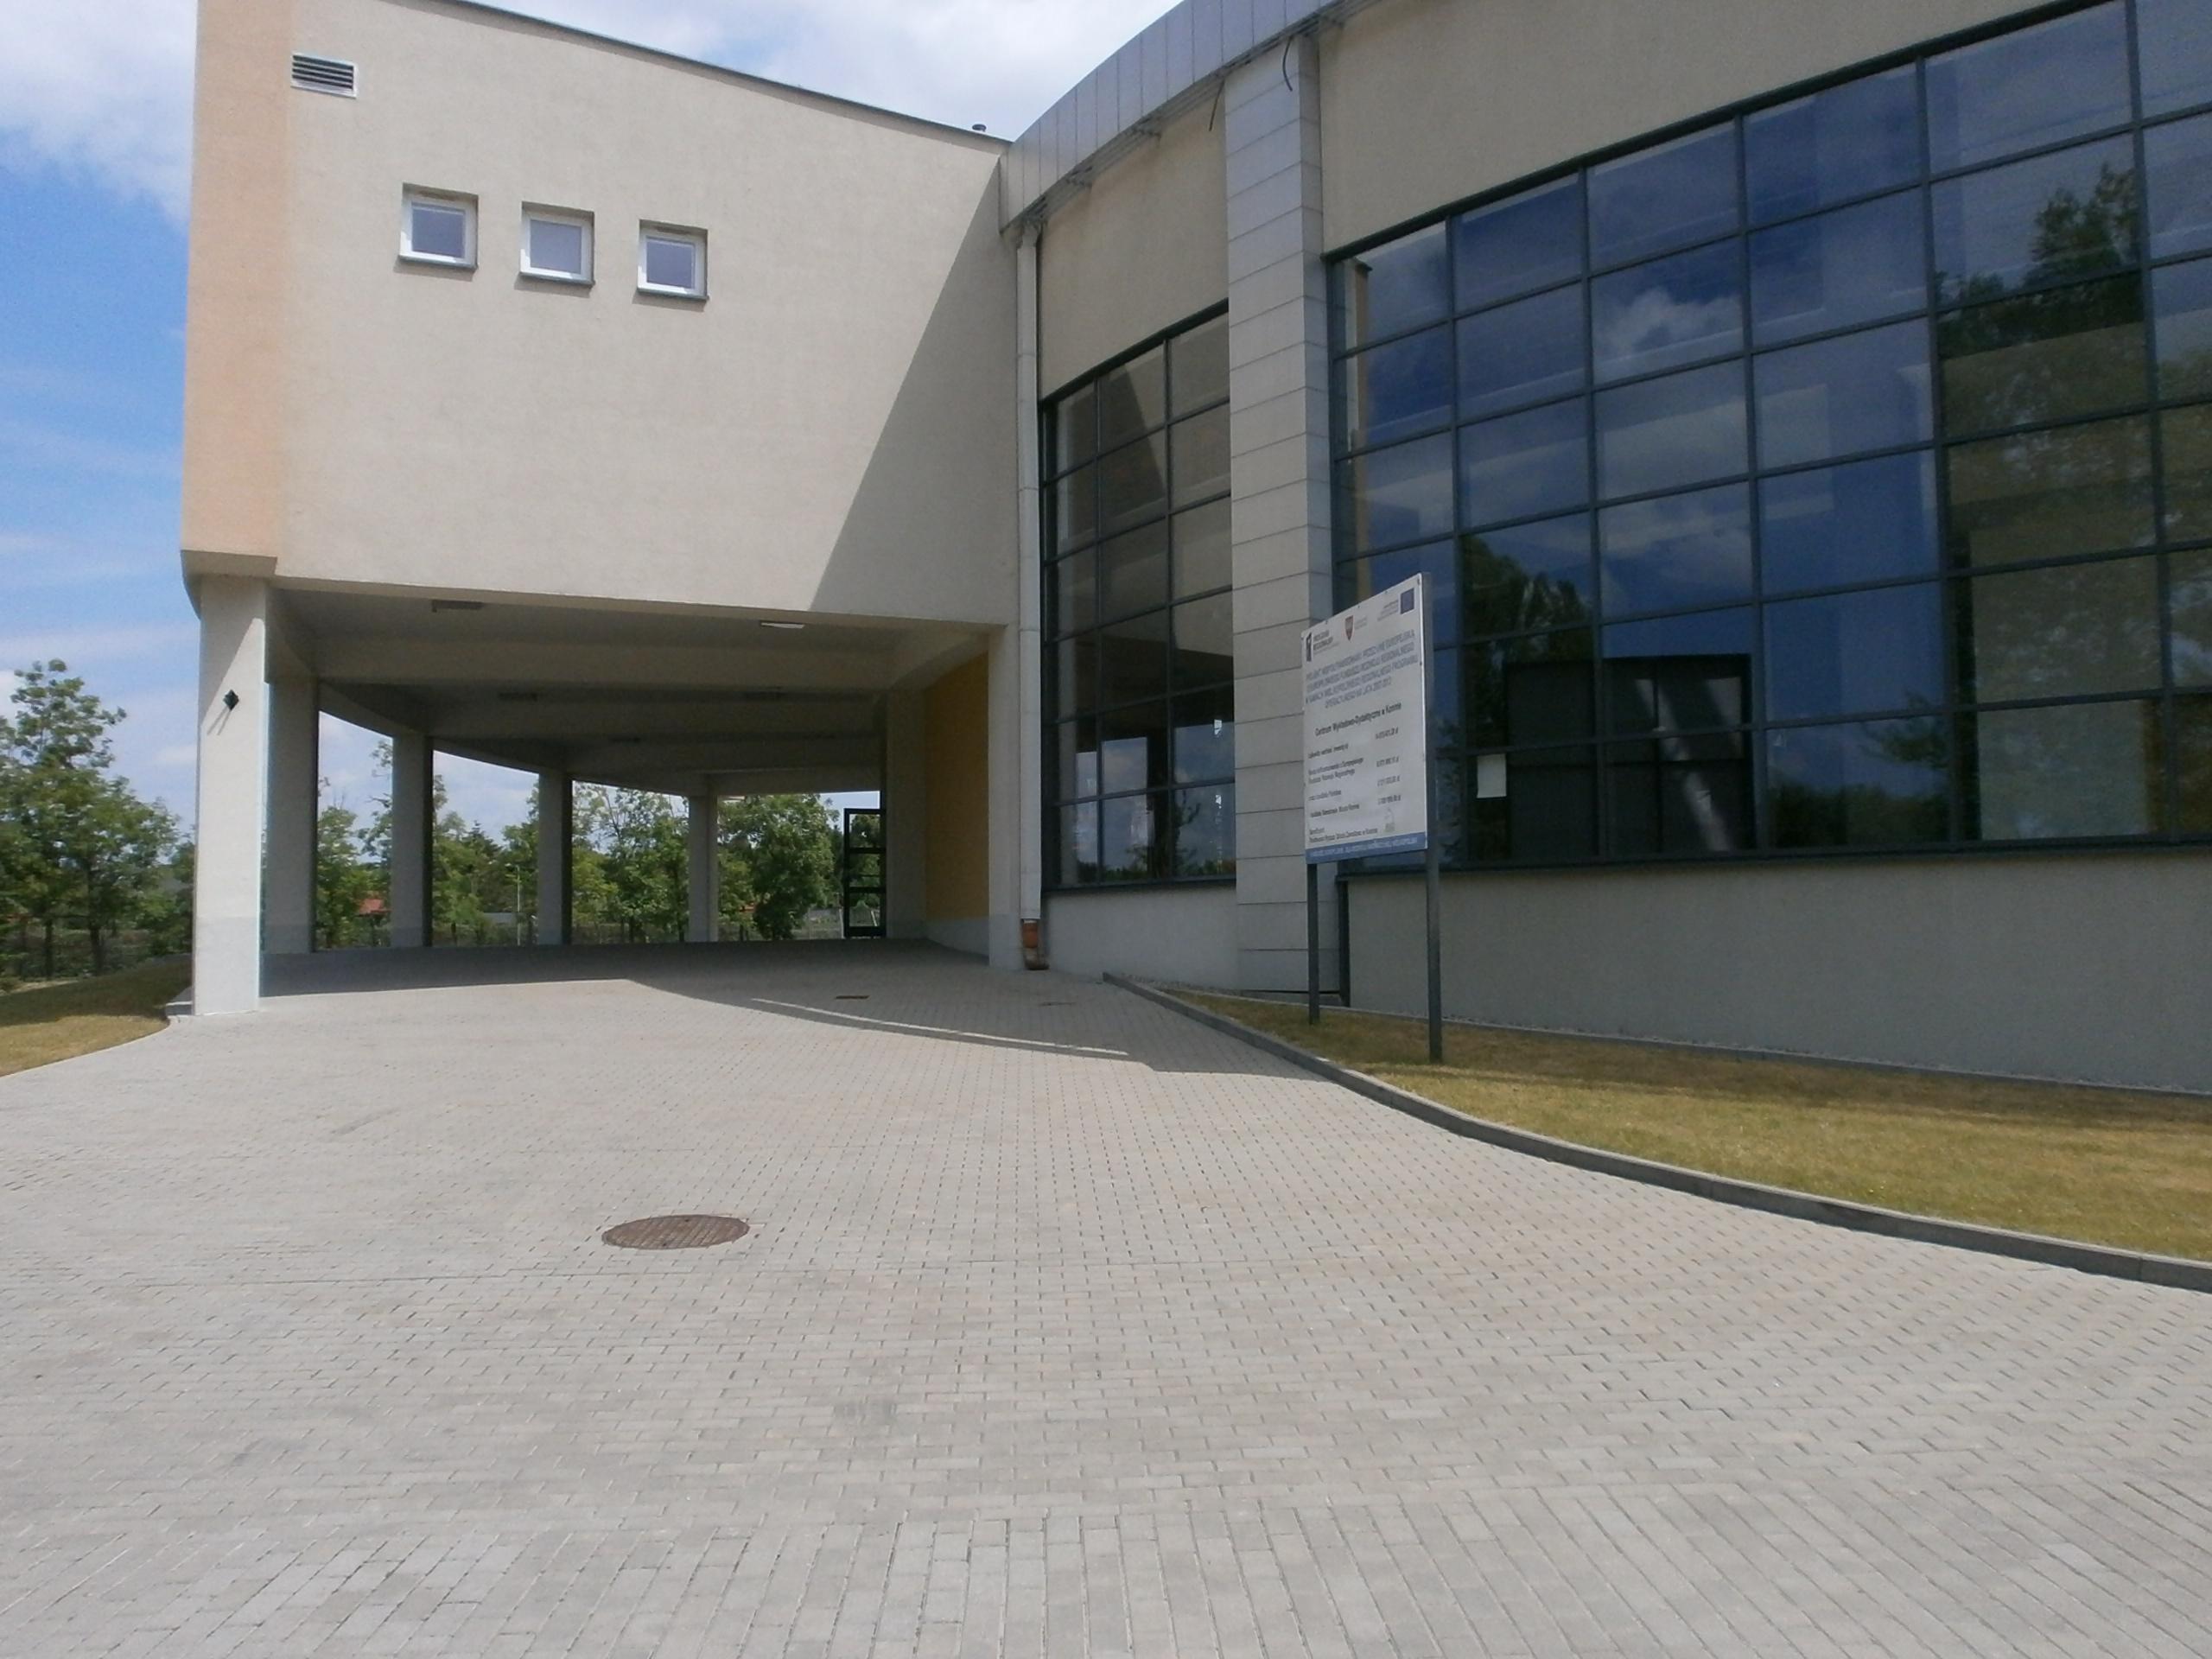 Droga do głównego wejścia do budynku